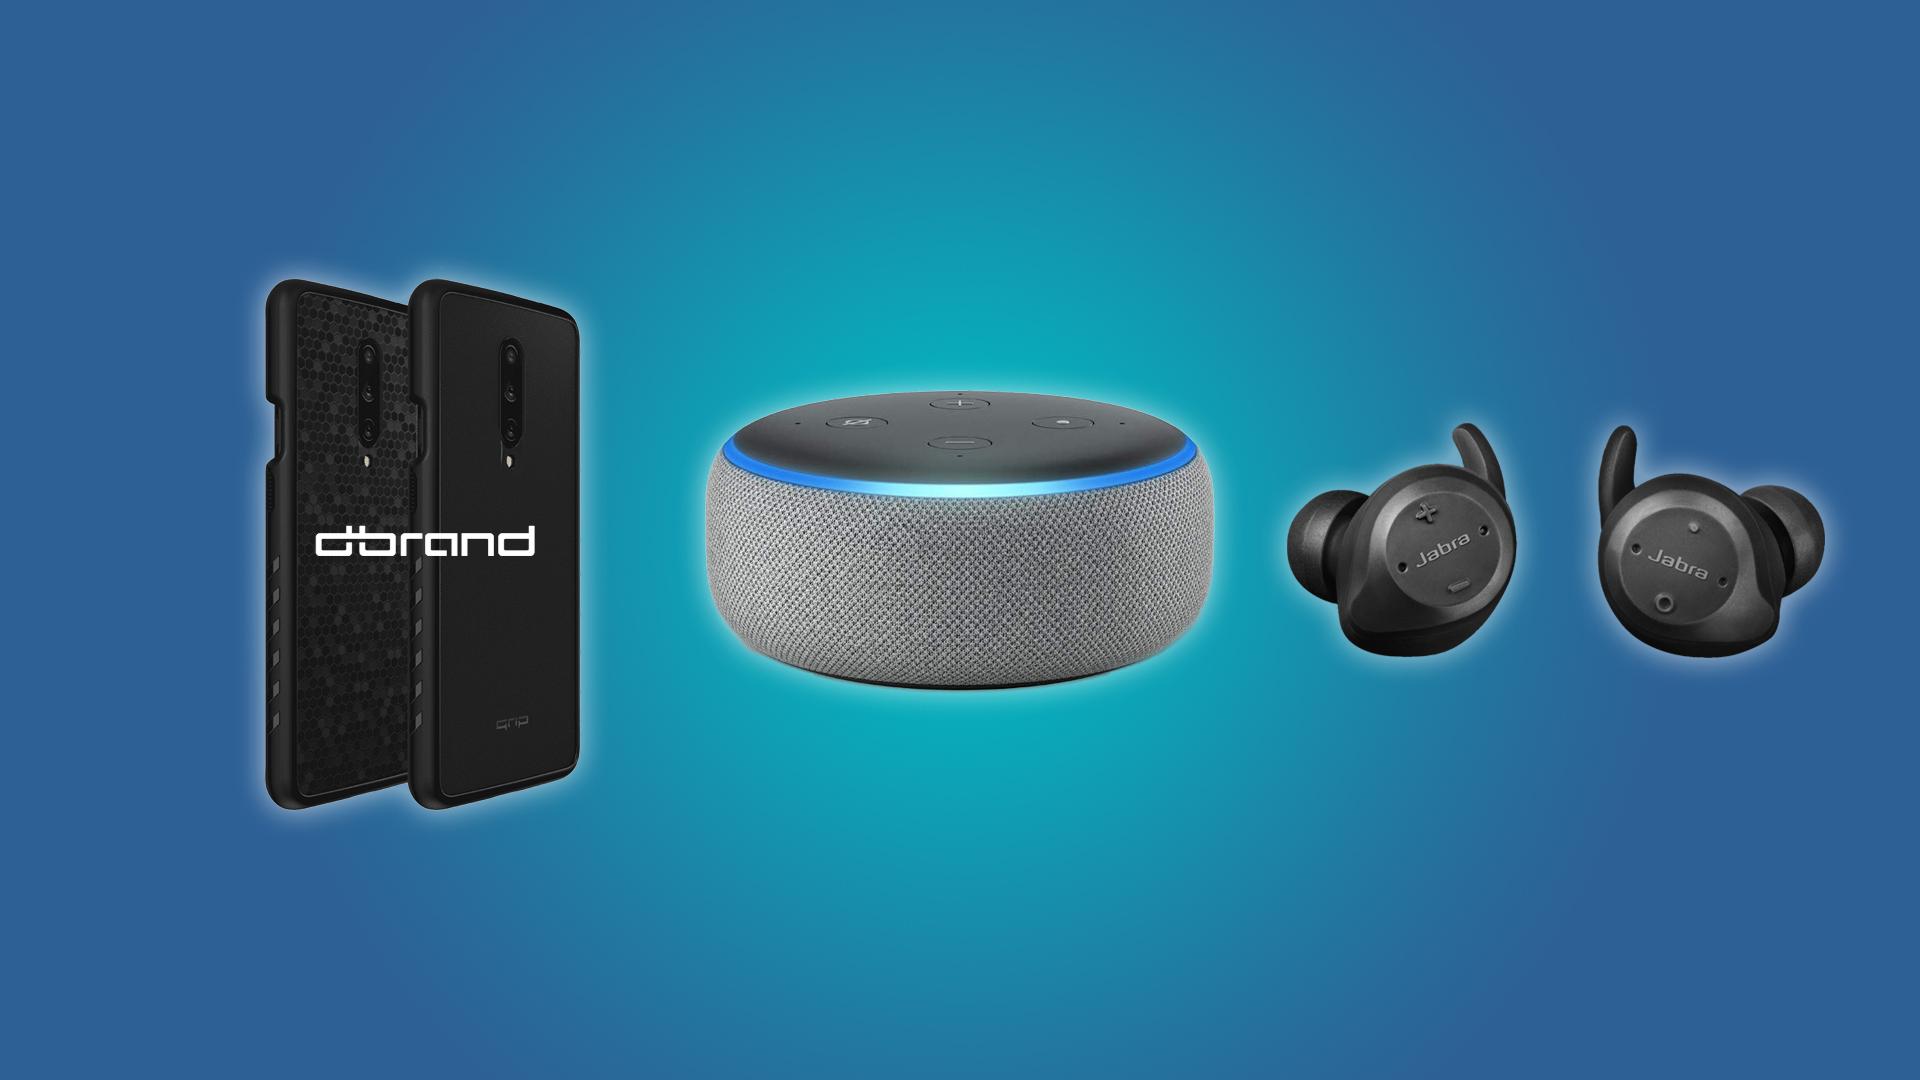 Daily Deals A 20 Echo Dot, a 100 Pair of Jabra Wireless